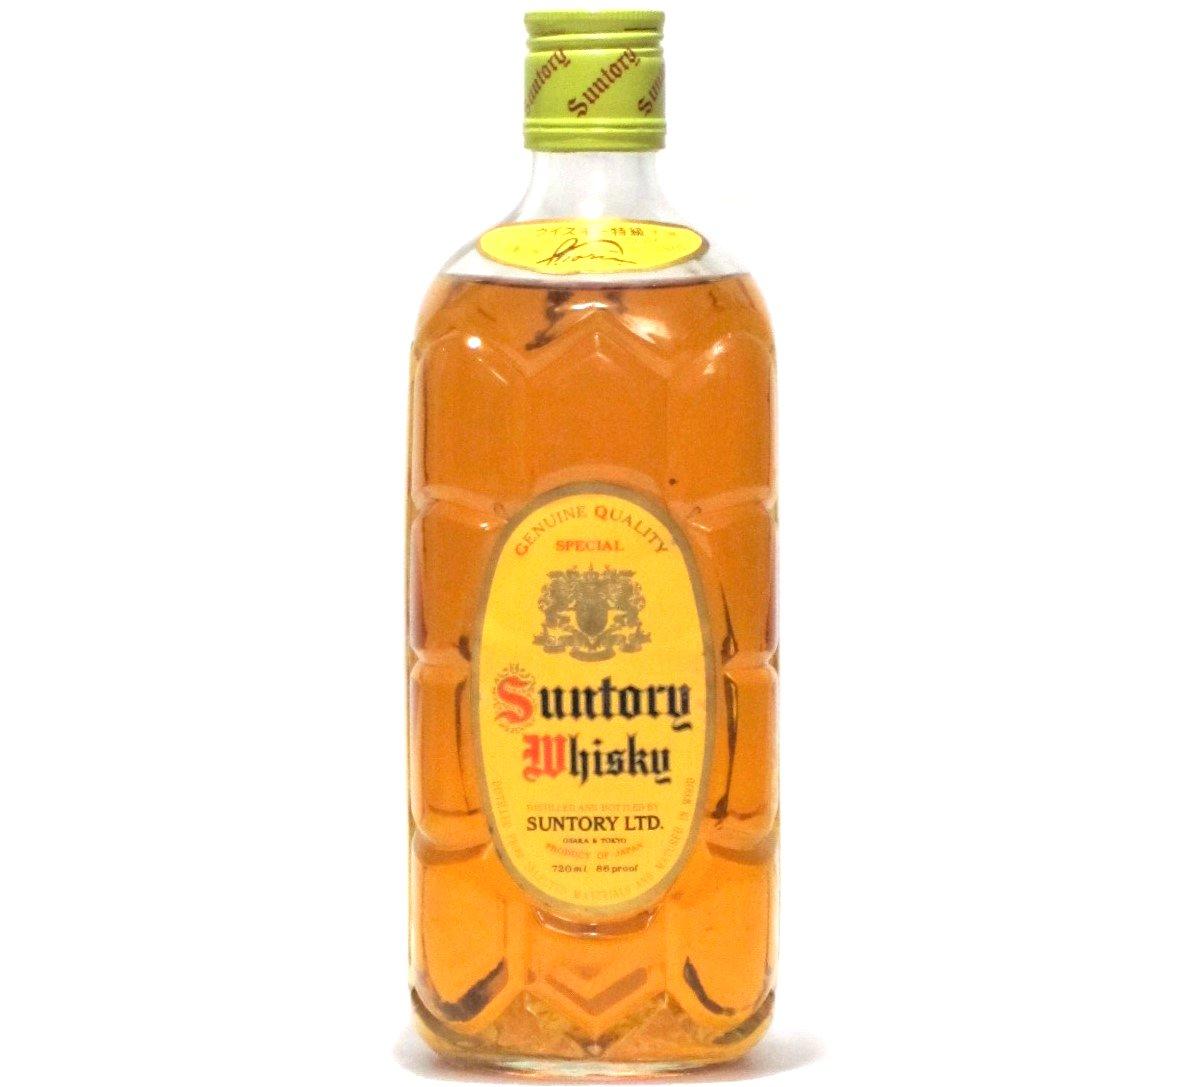 [古酒] サントリーウイスキー 角瓶 特級表示 43度 720ml